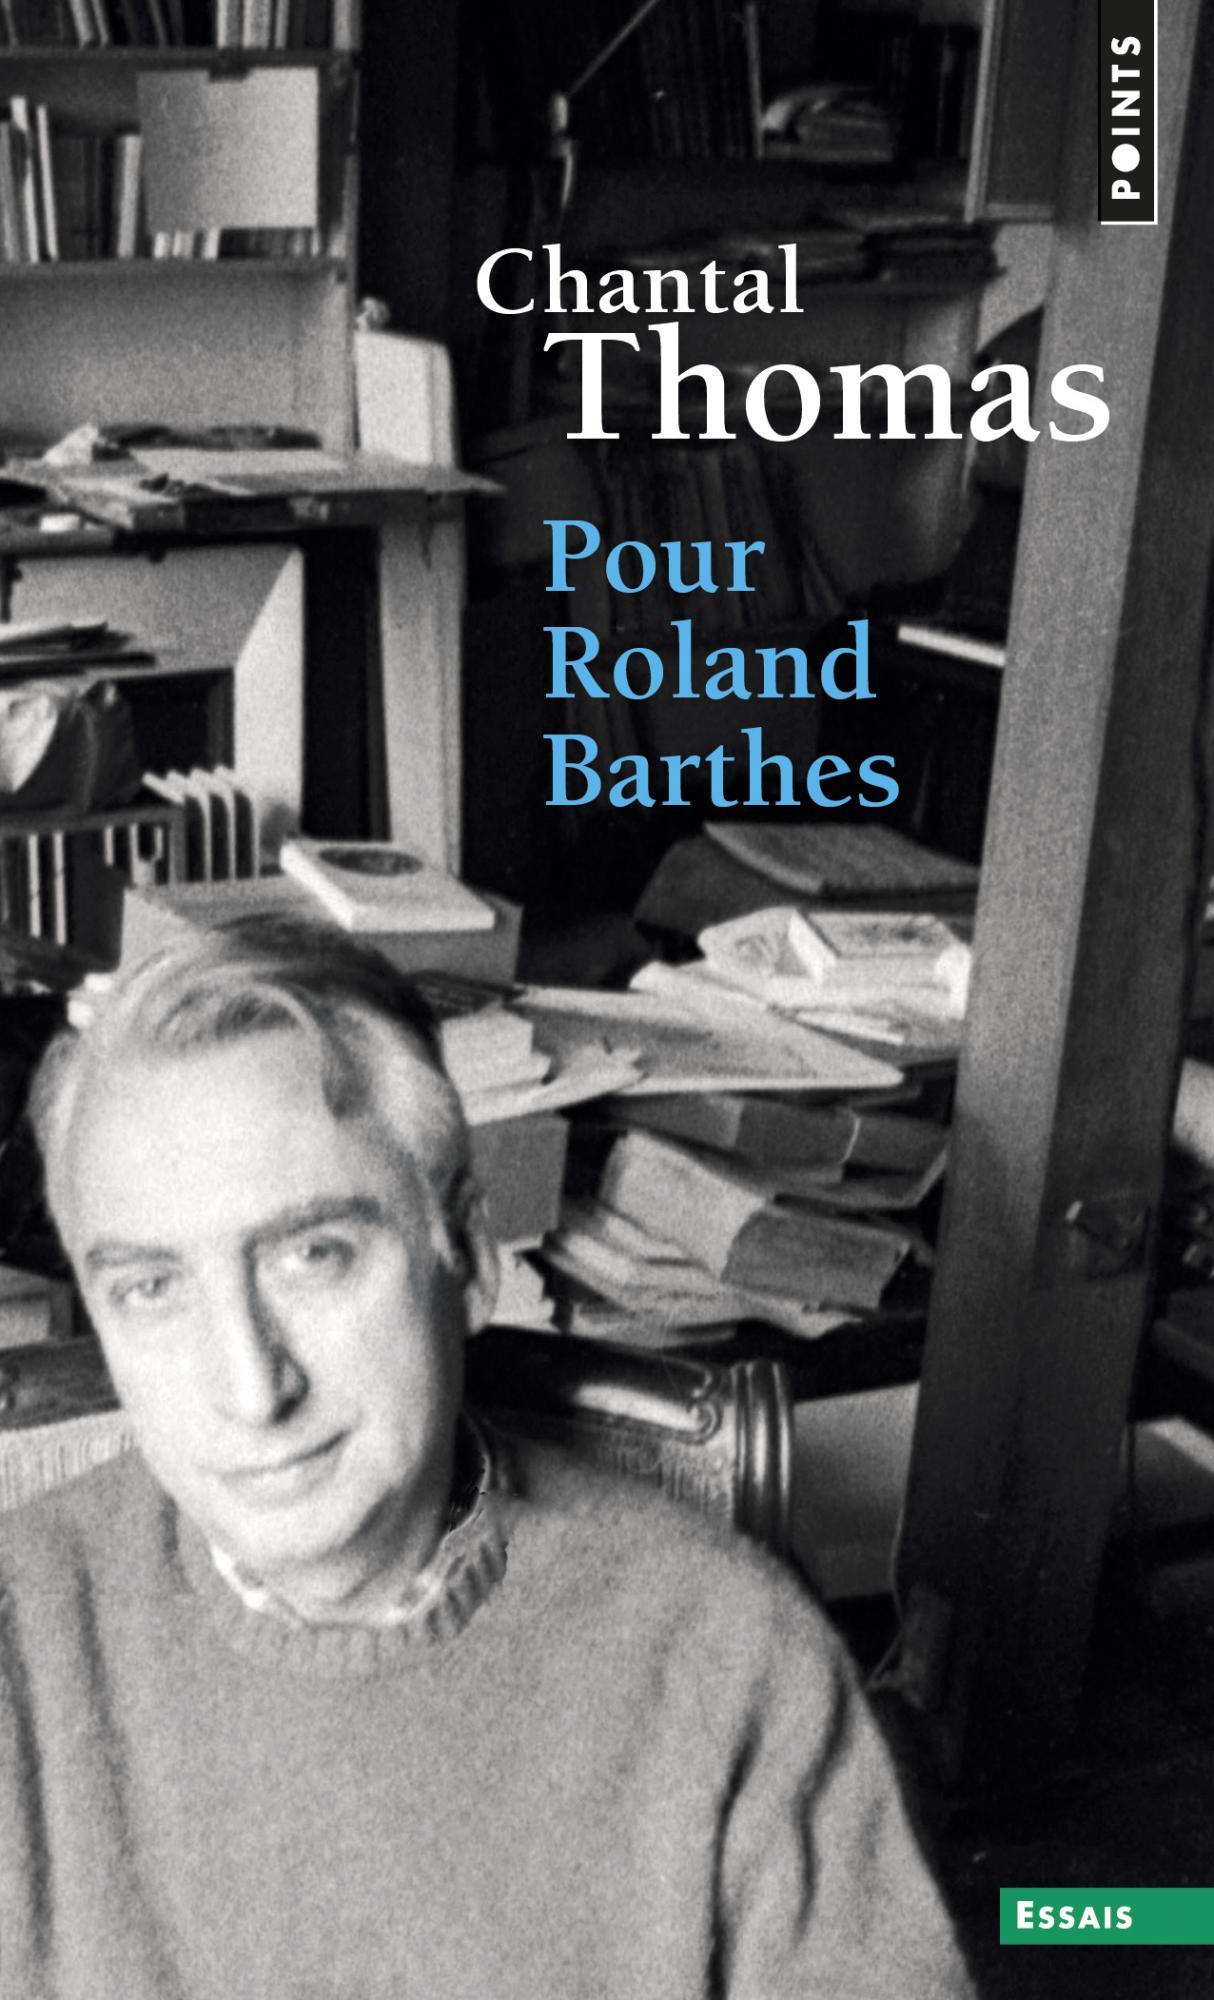 C. Thomas, Pour Roland Barthes